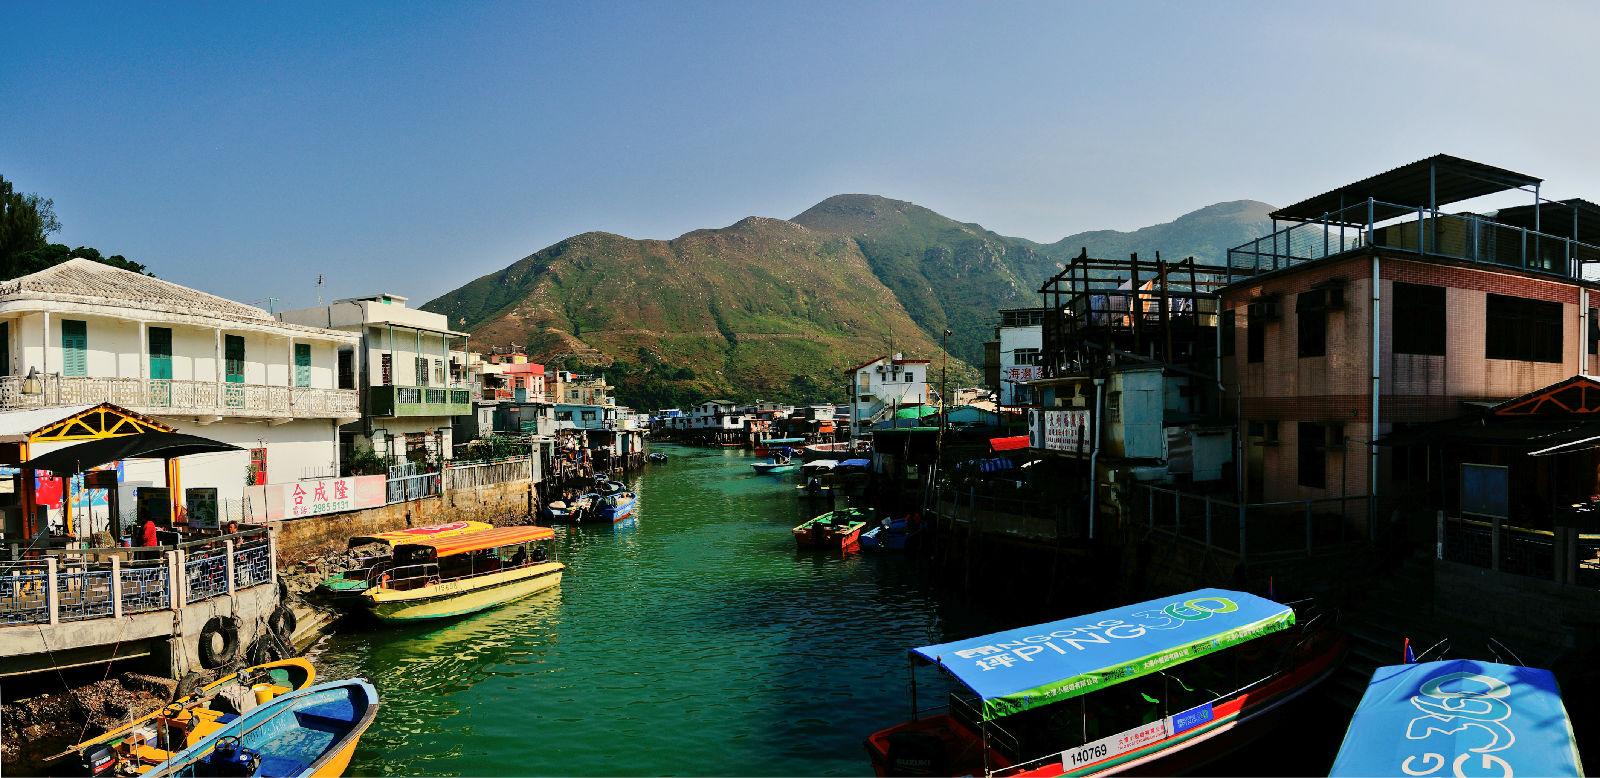 大澳是香港现存最著名的渔村,村落部分位处大澳岛上.